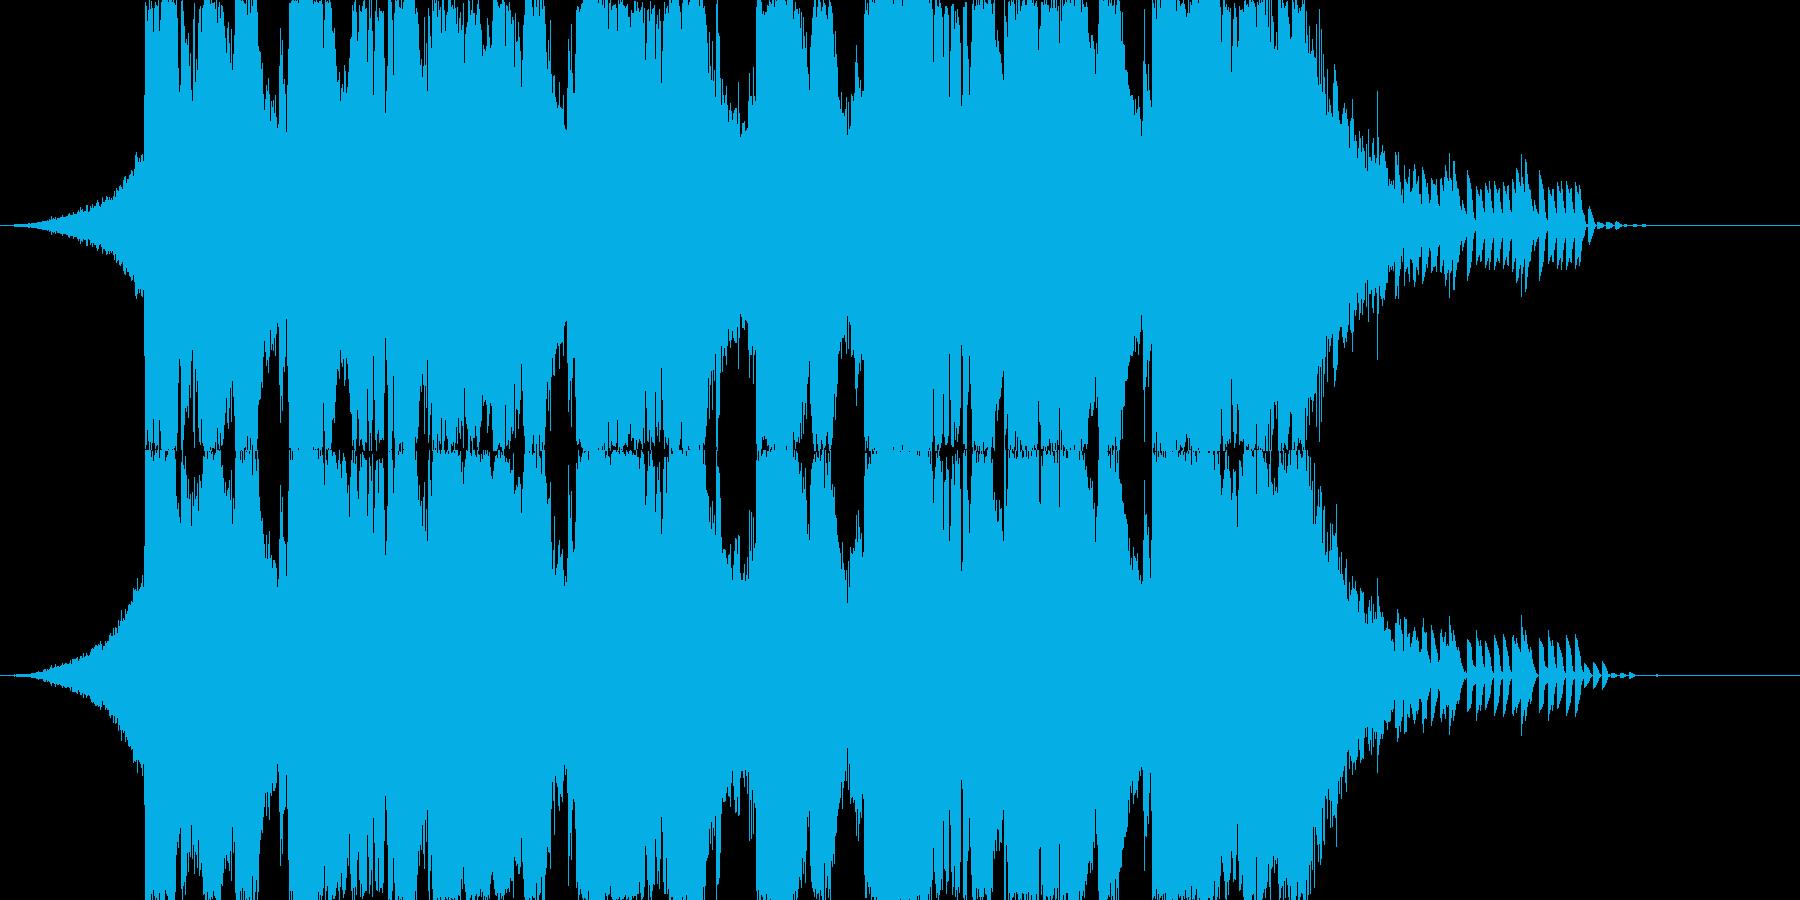 ラウドなダブステップのジングル43秒の再生済みの波形